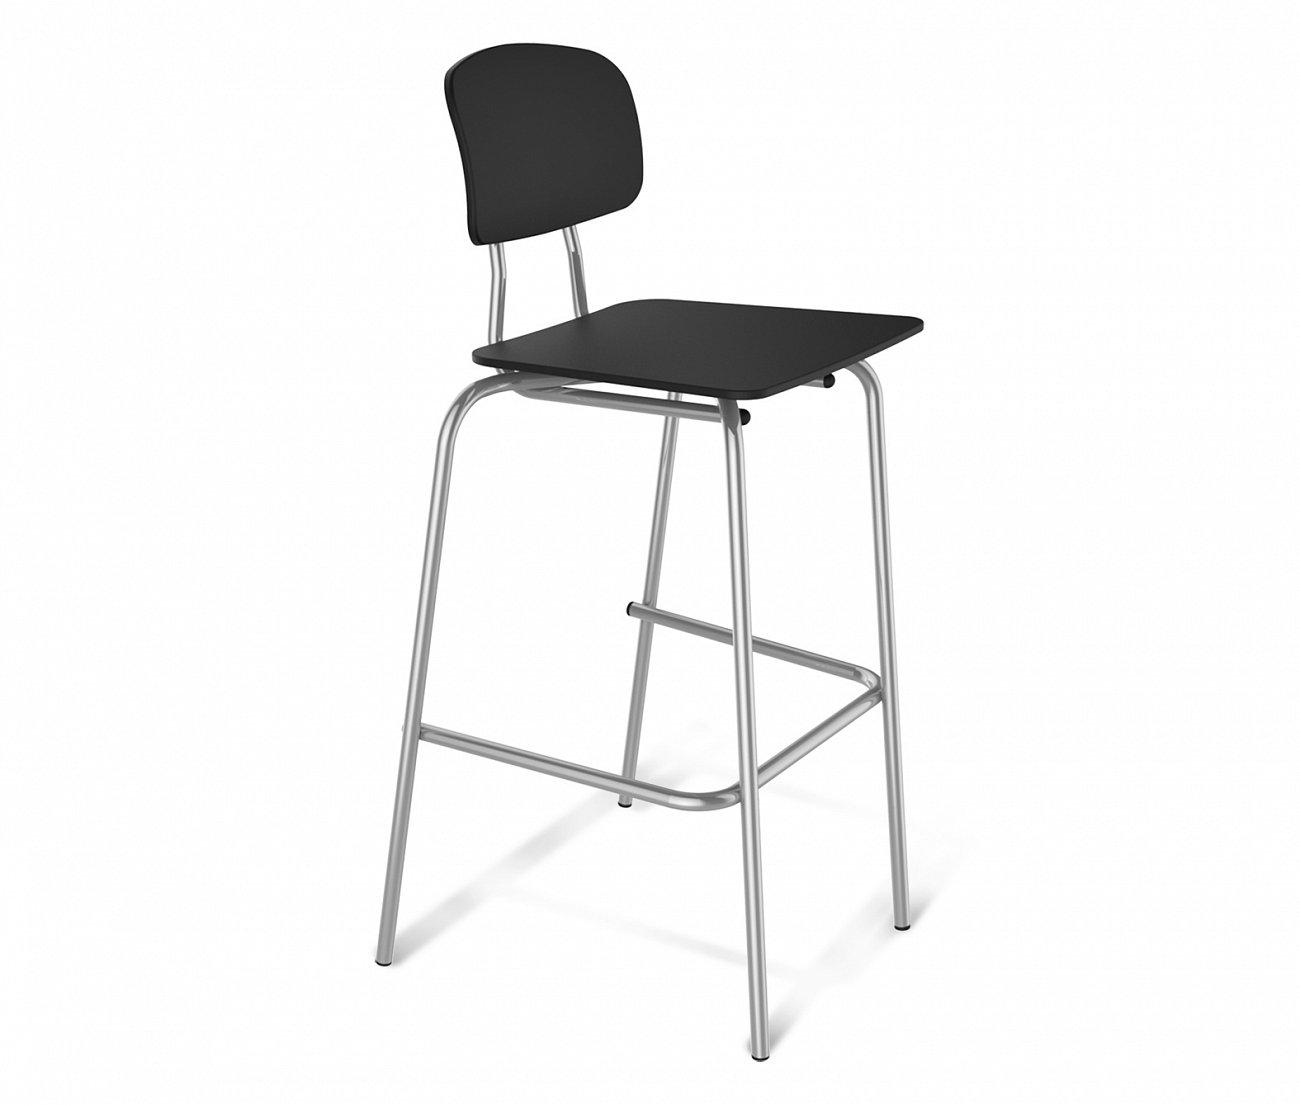 Купить Стул барный чёрный хром S55 в интернет магазине дизайнерской мебели и аксессуаров для дома и дачи